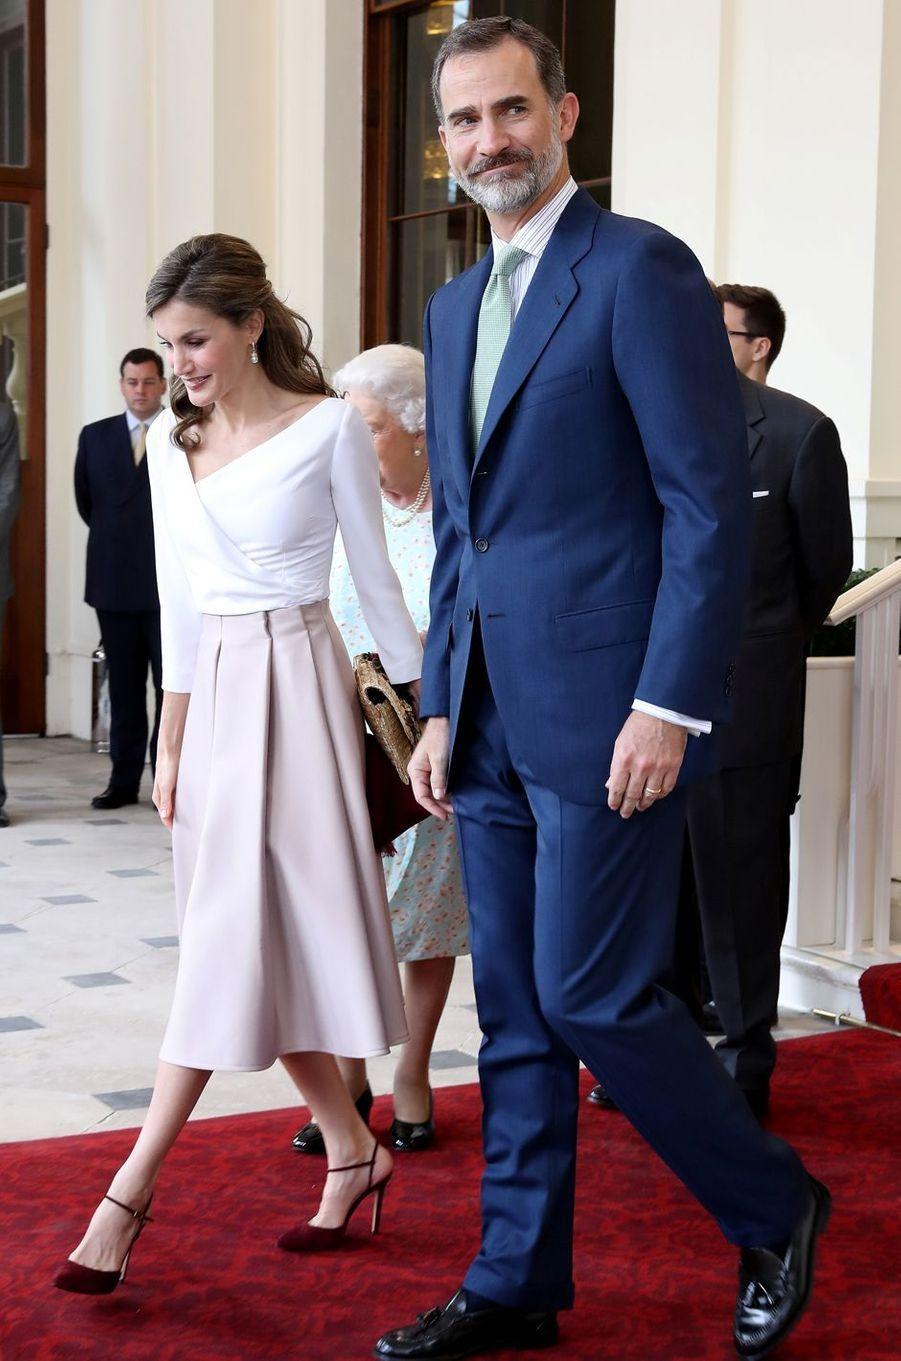 La reine Letizia d'Espagne dans une jupe Topshop à Londres, le 14 juillet 2017